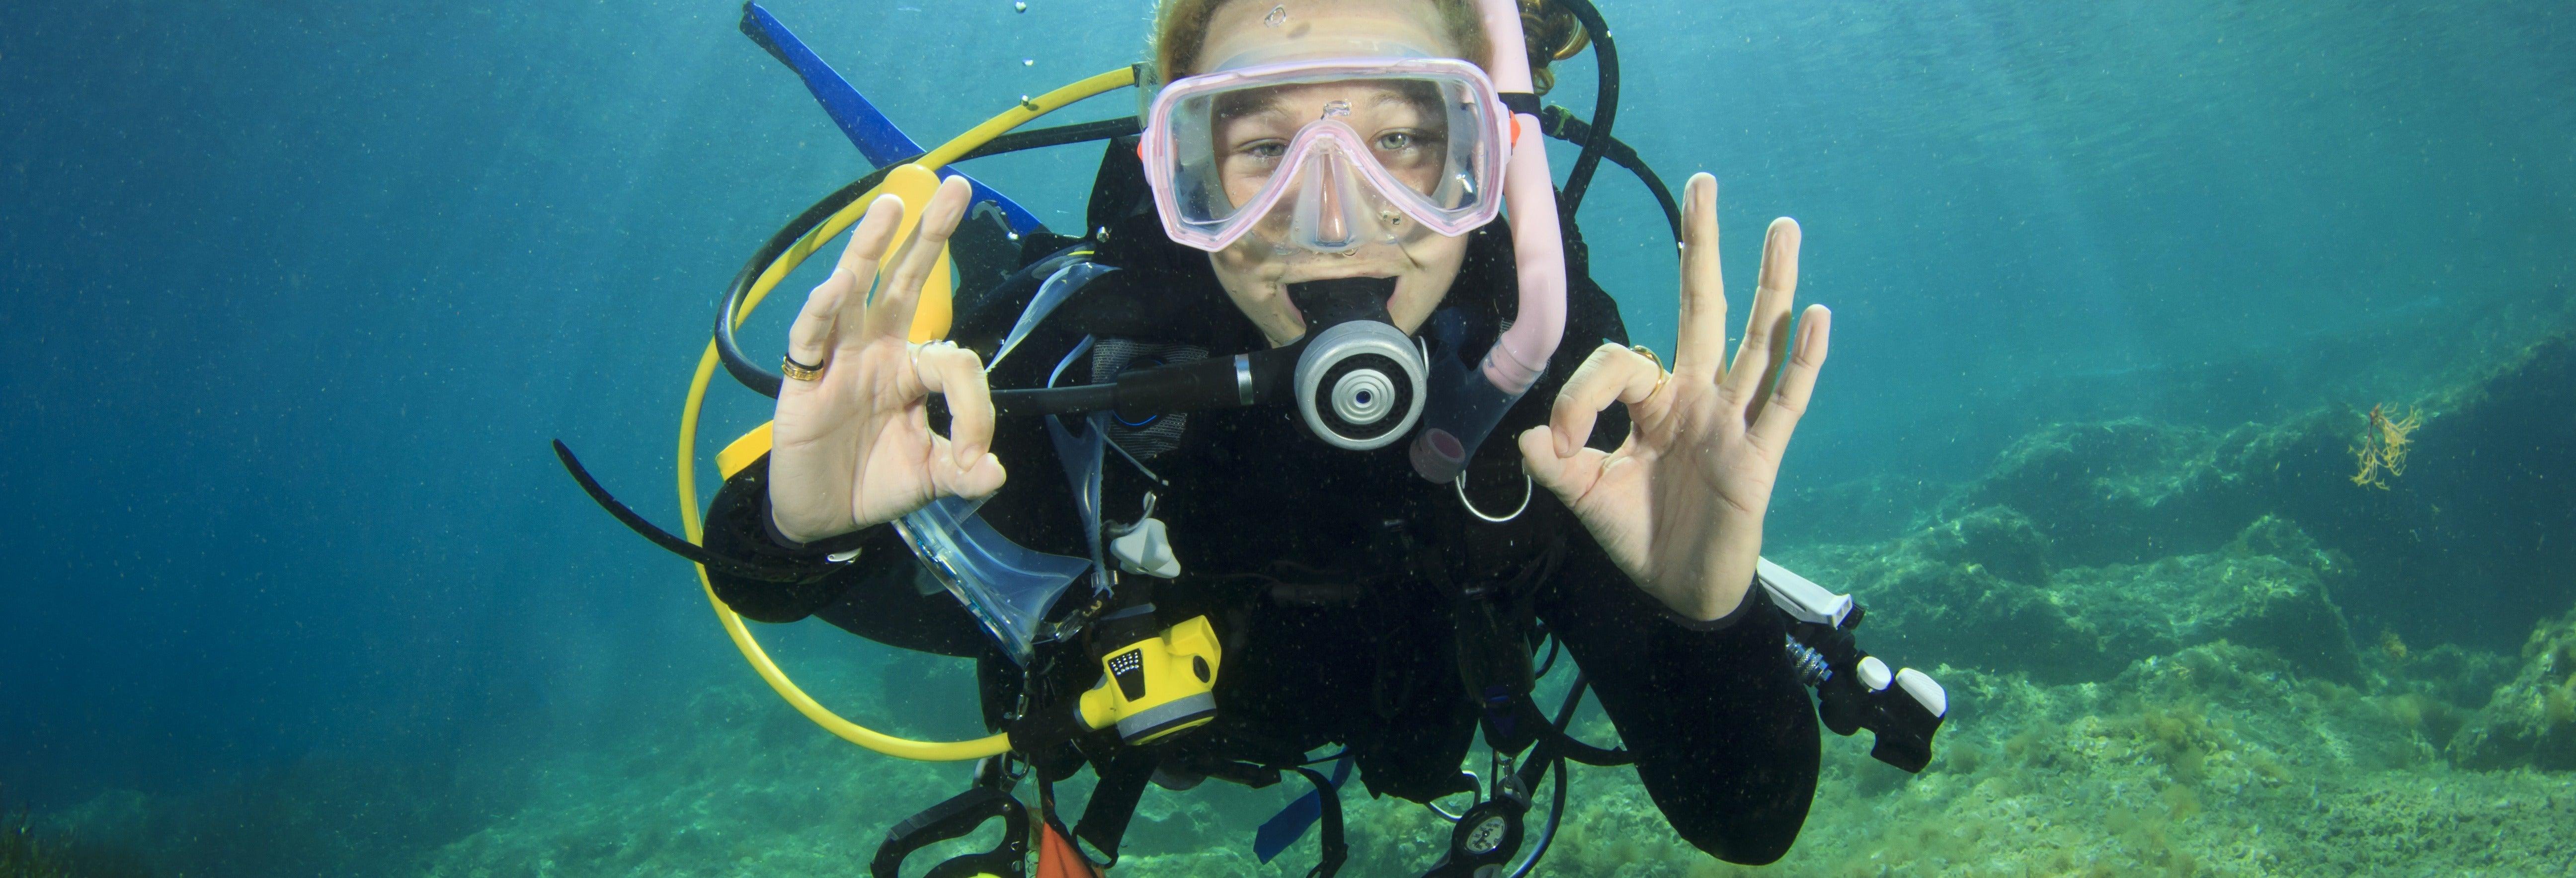 Curso de buceo PADI Scuba Diver desde Ciudadela